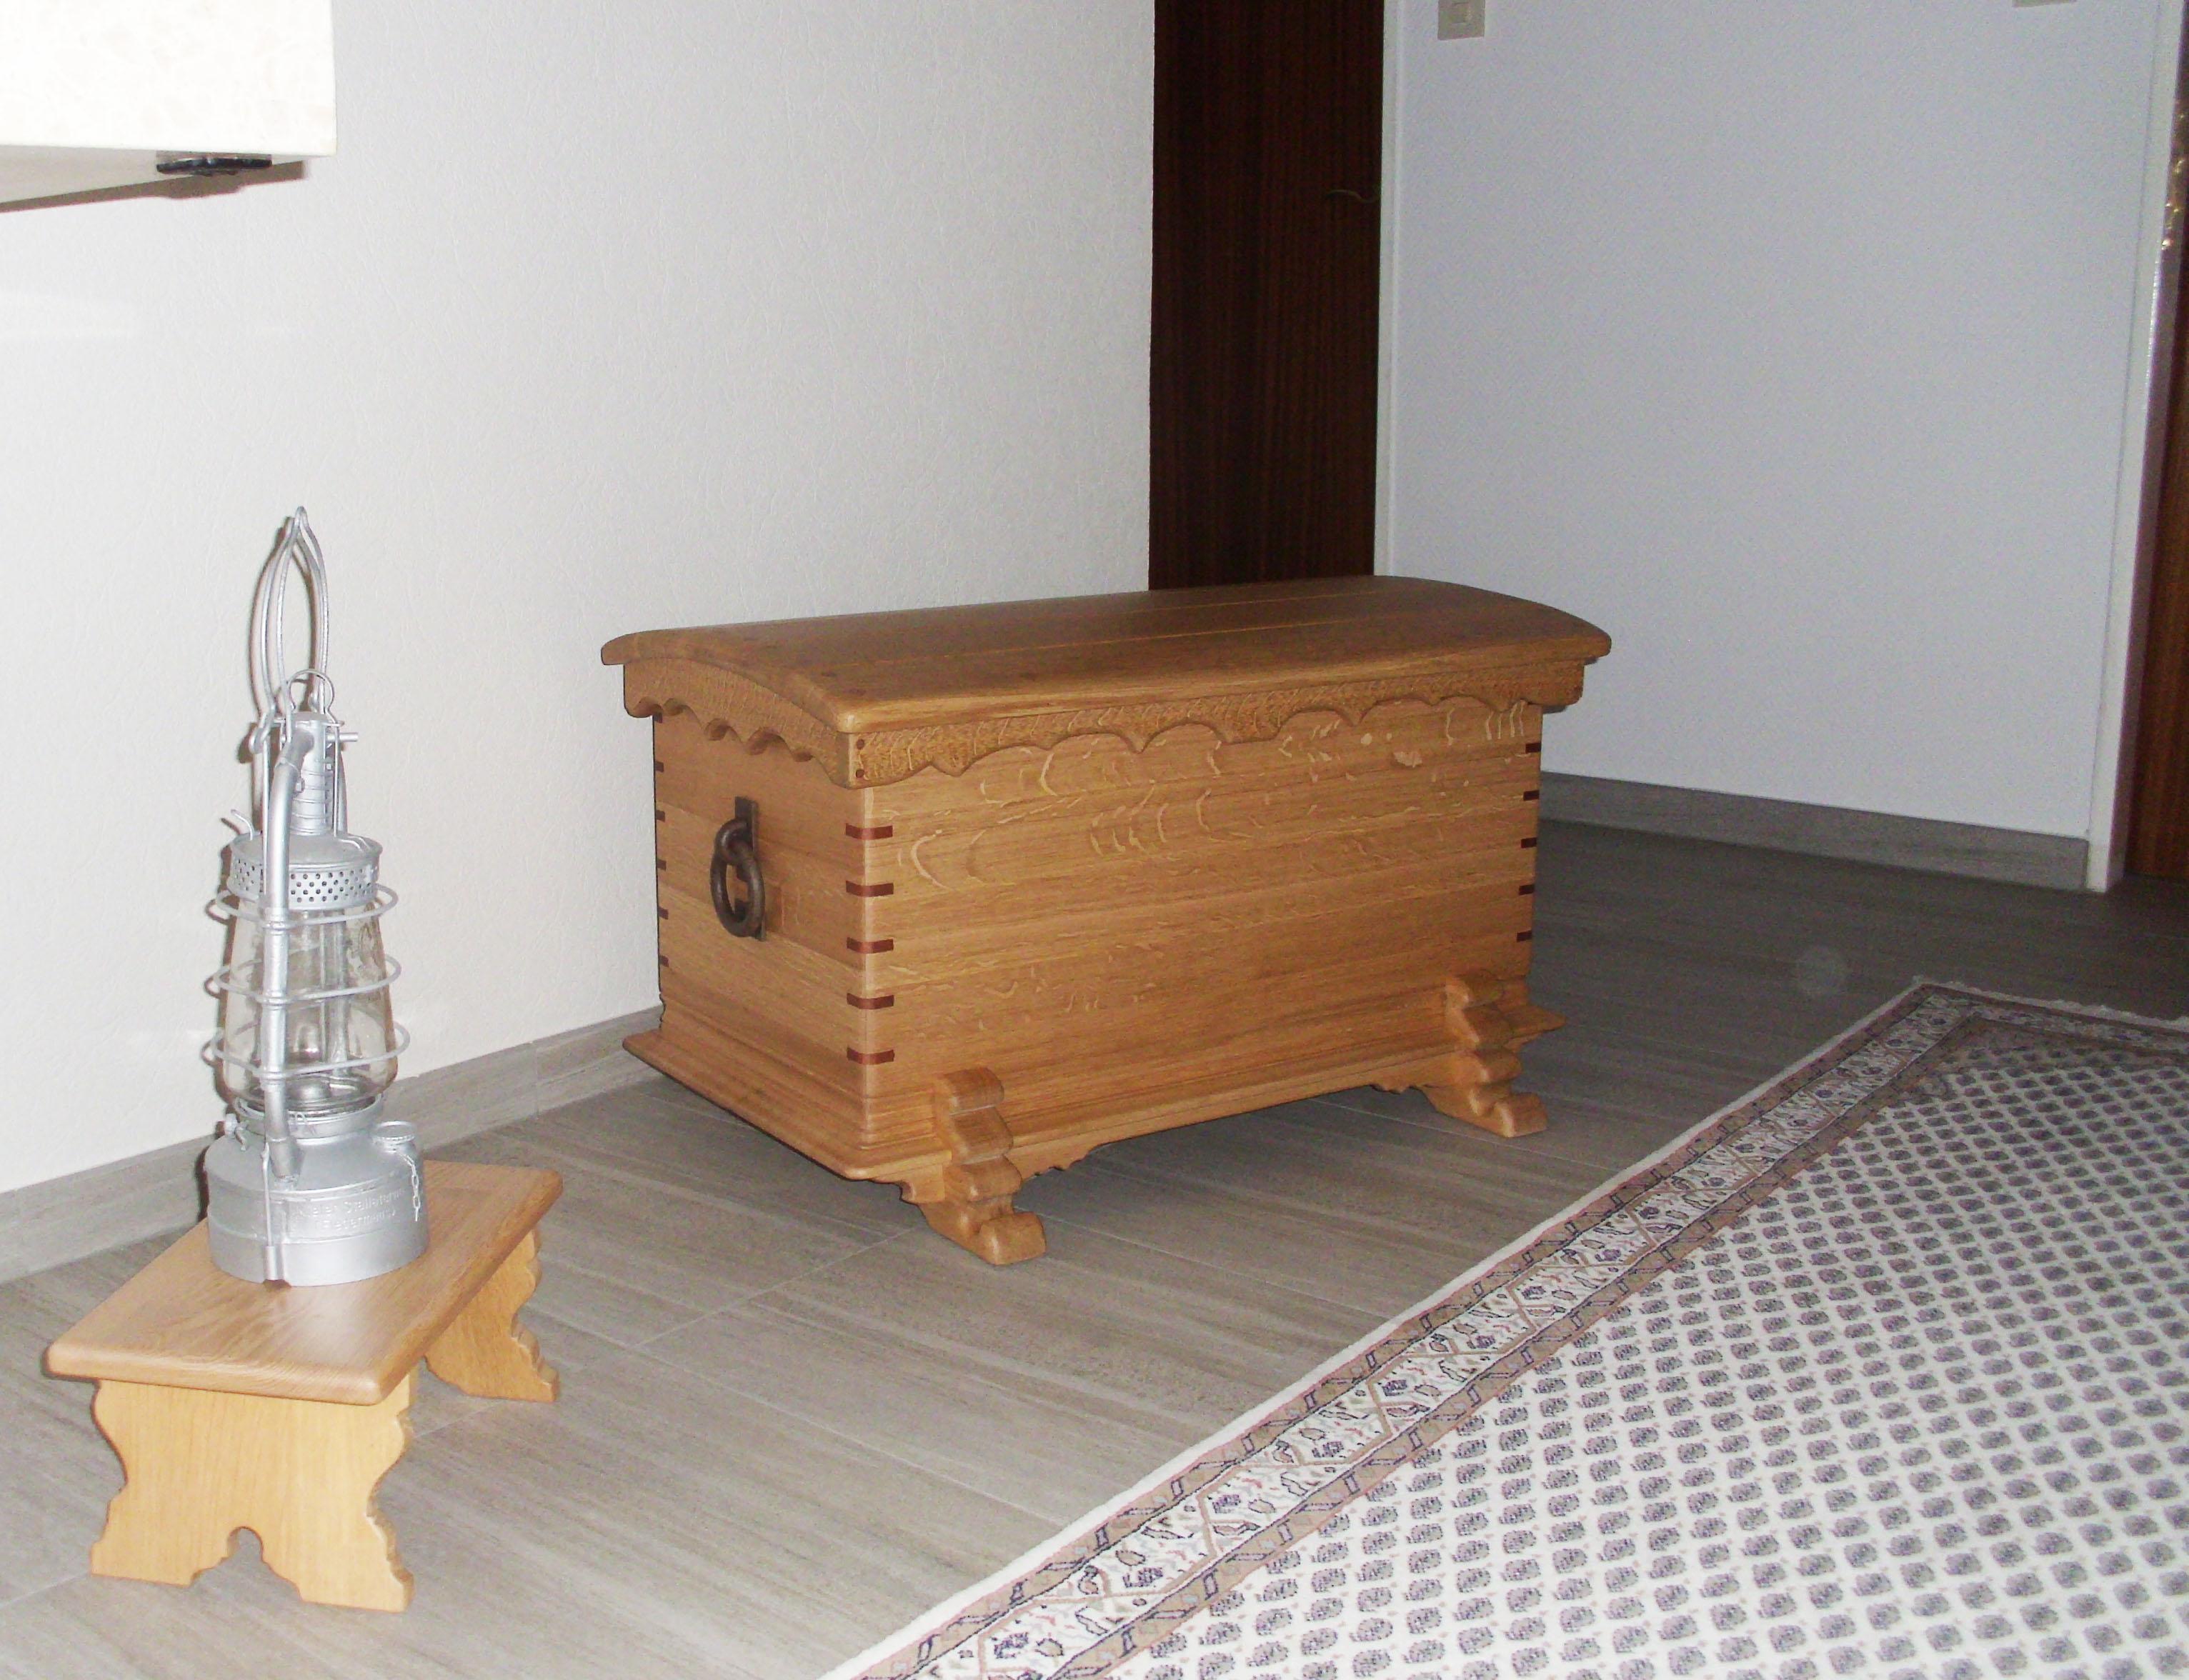 Truhe oder auch Hochzeitstruhe gefertigt von Tischlermeister Stephan Brasch der Möbelwerkstatt Lorenz